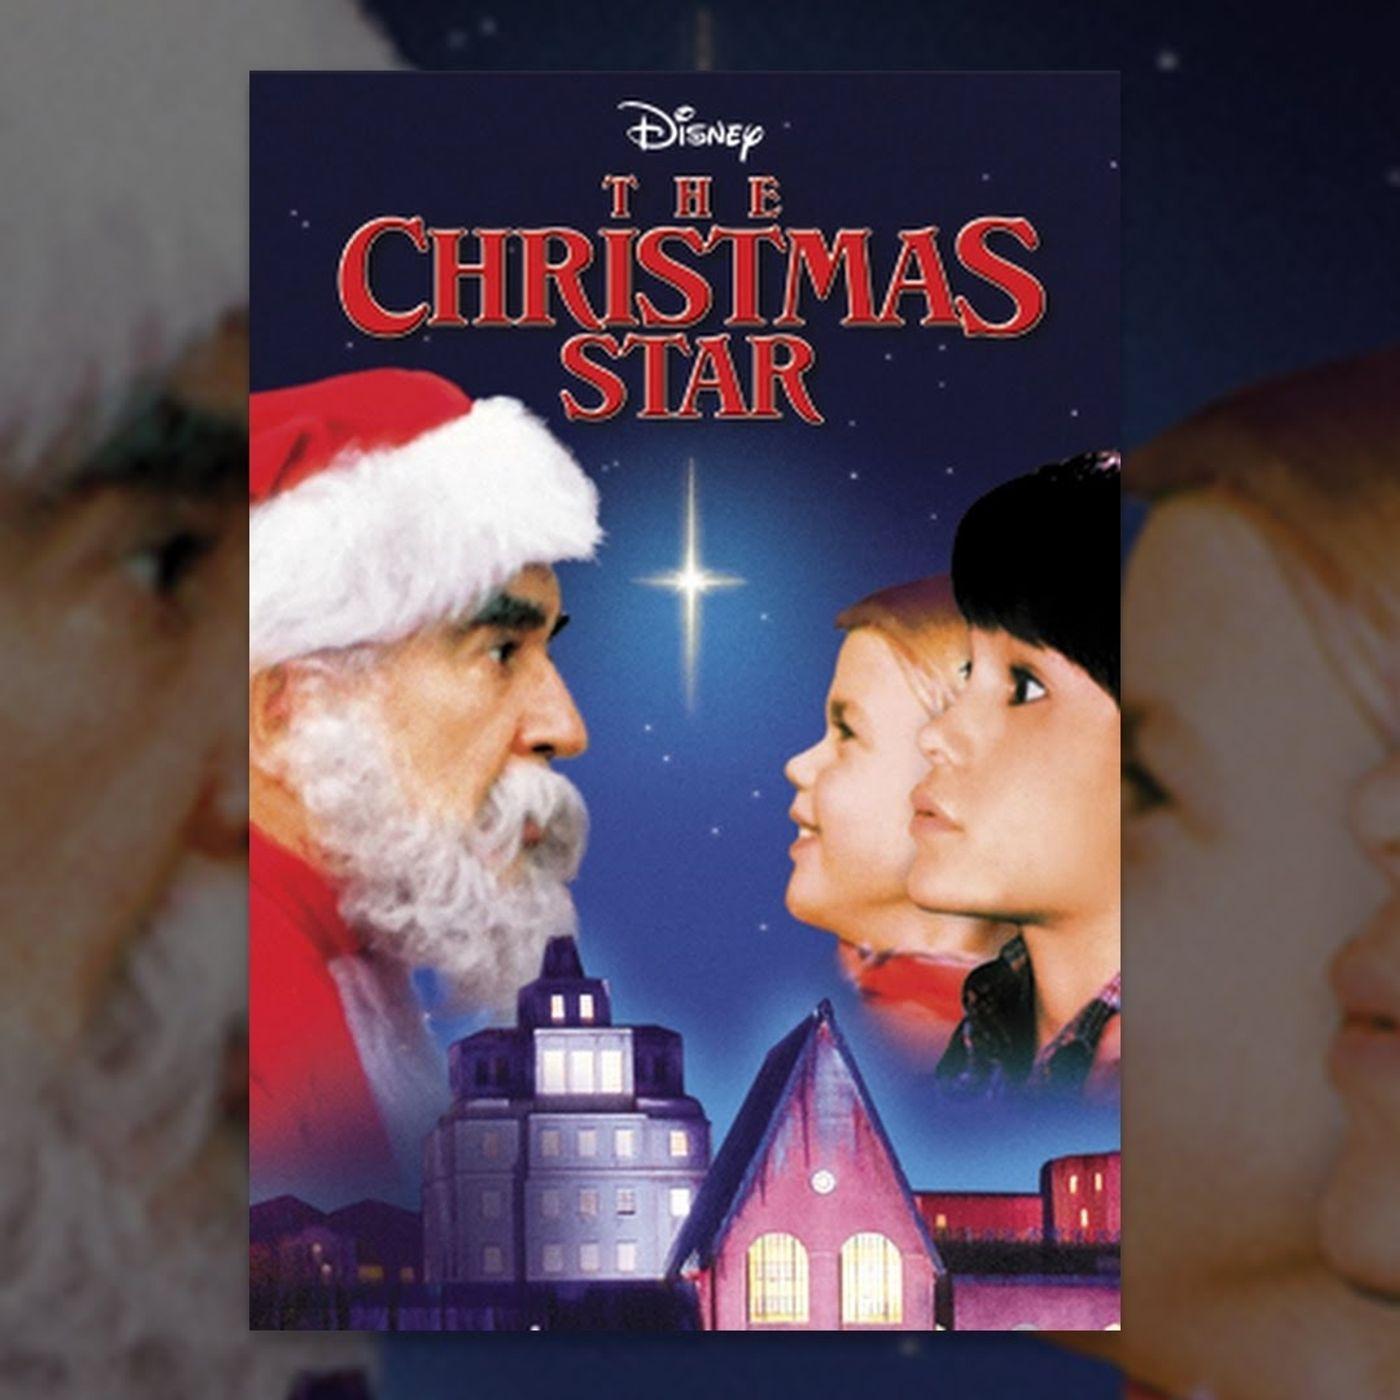 The Christmas Star (ABC - 1986)